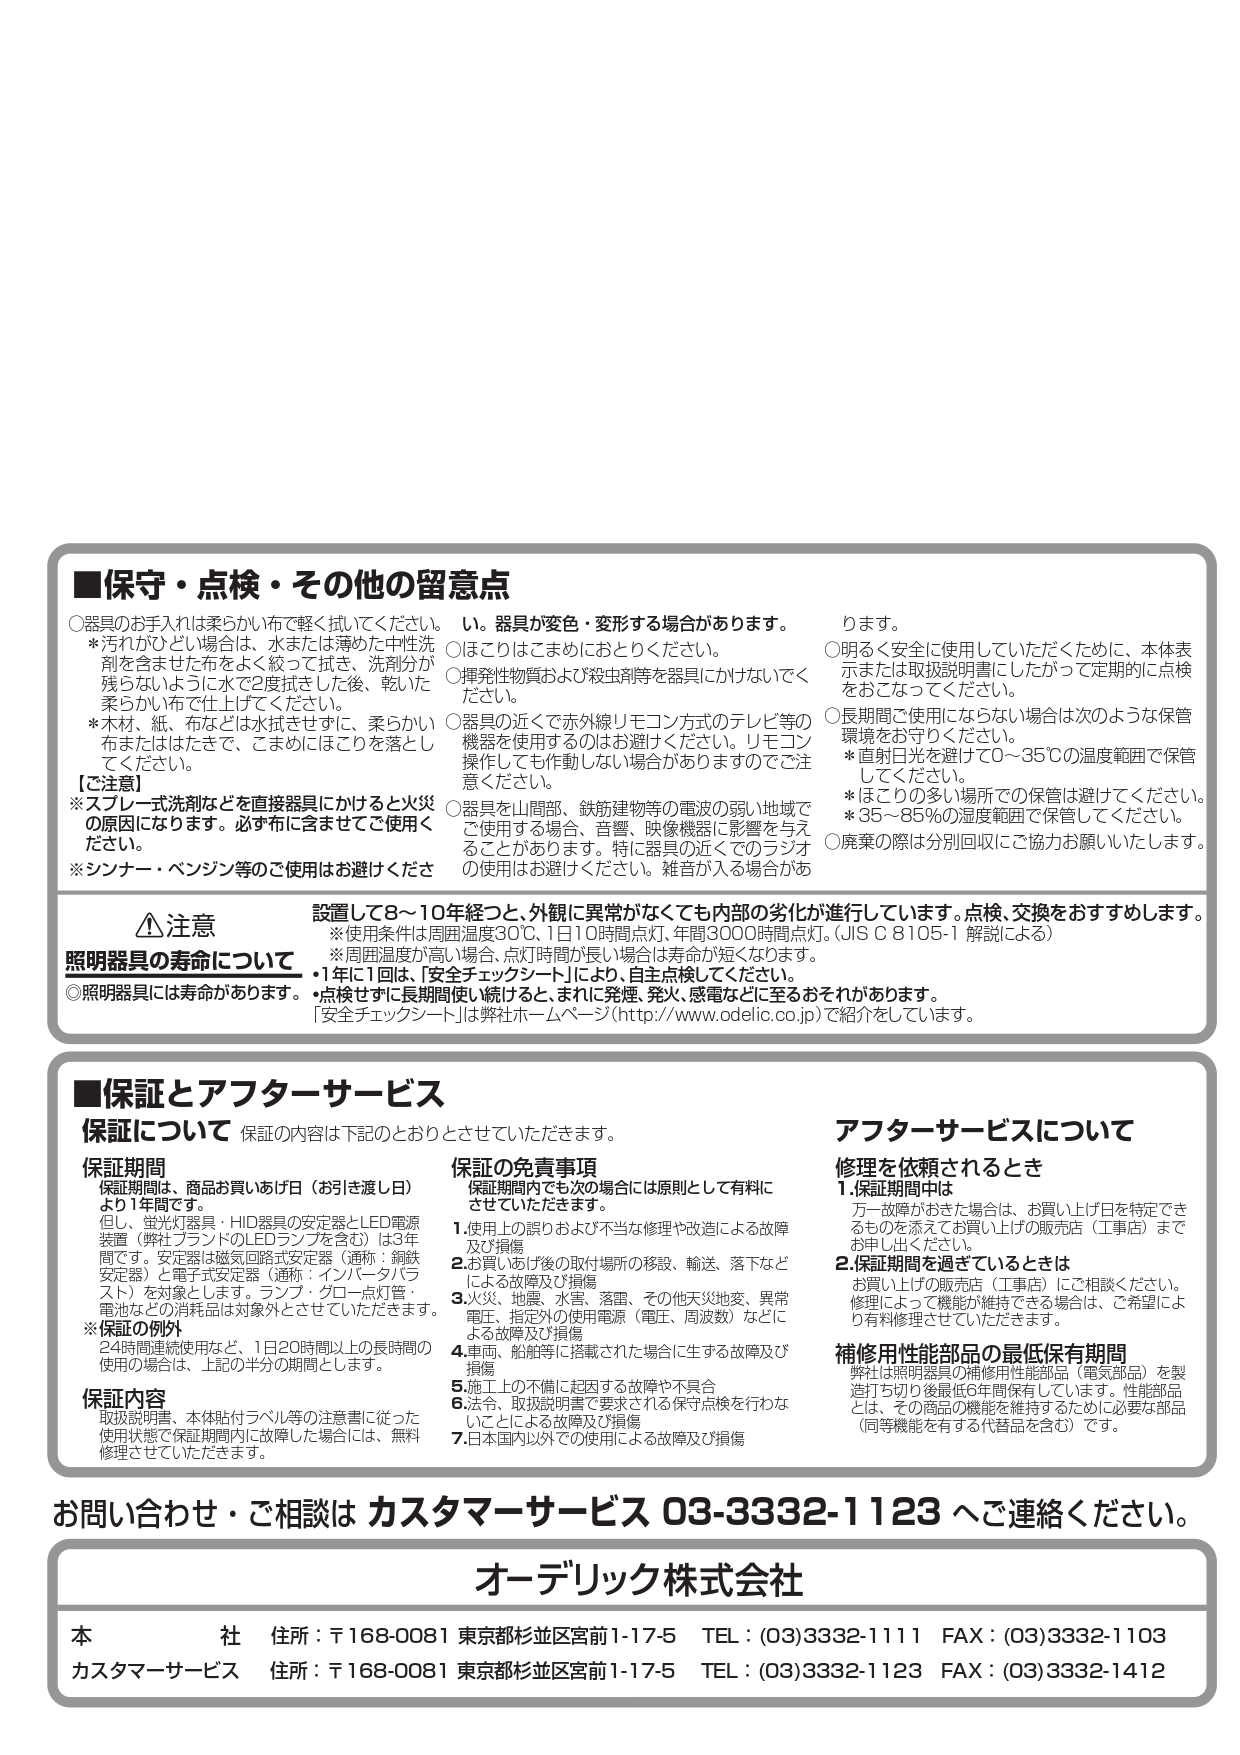 ポージィトップライトUNOG254620_取扱説明書_page-0004